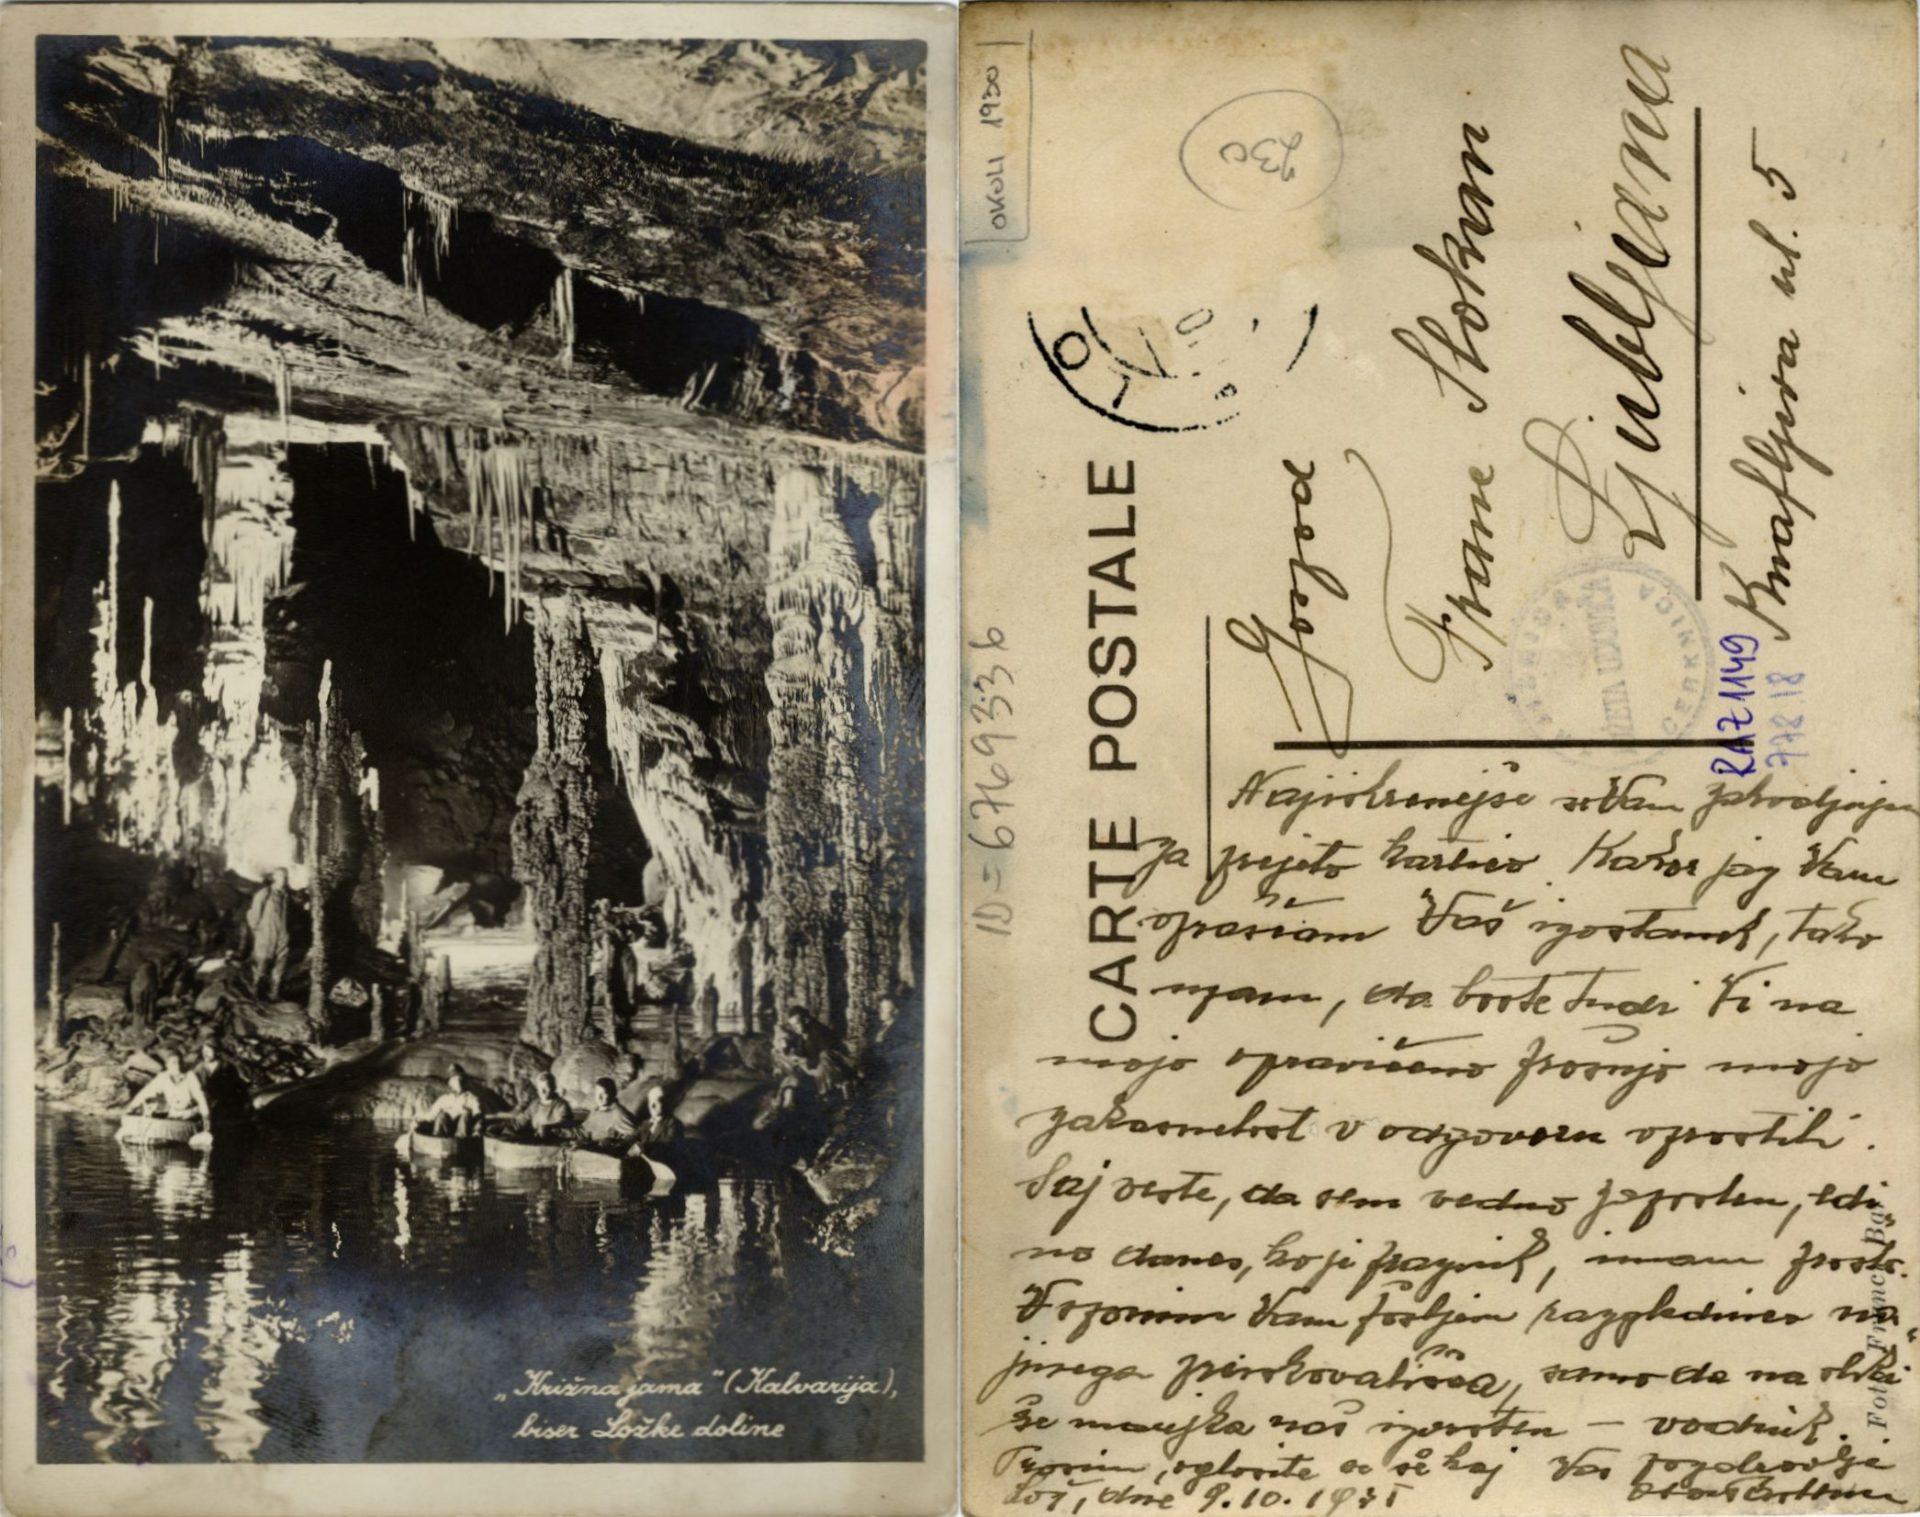 zlimano 101 - Križna jama